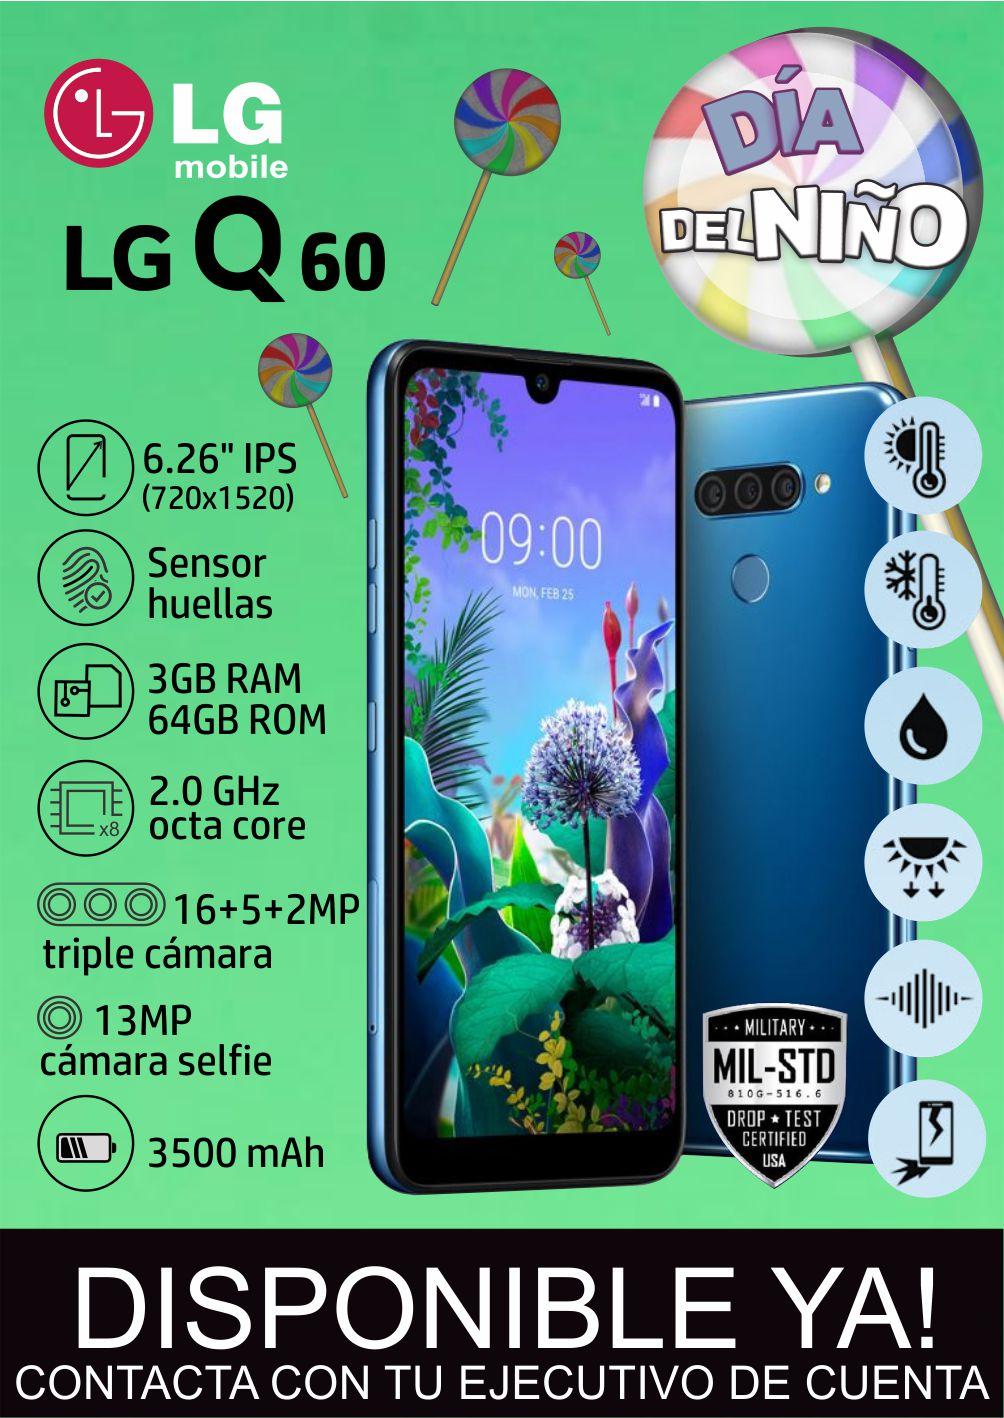 LG-02-Q60-DIADELNIÑO - BANNER LATERAL